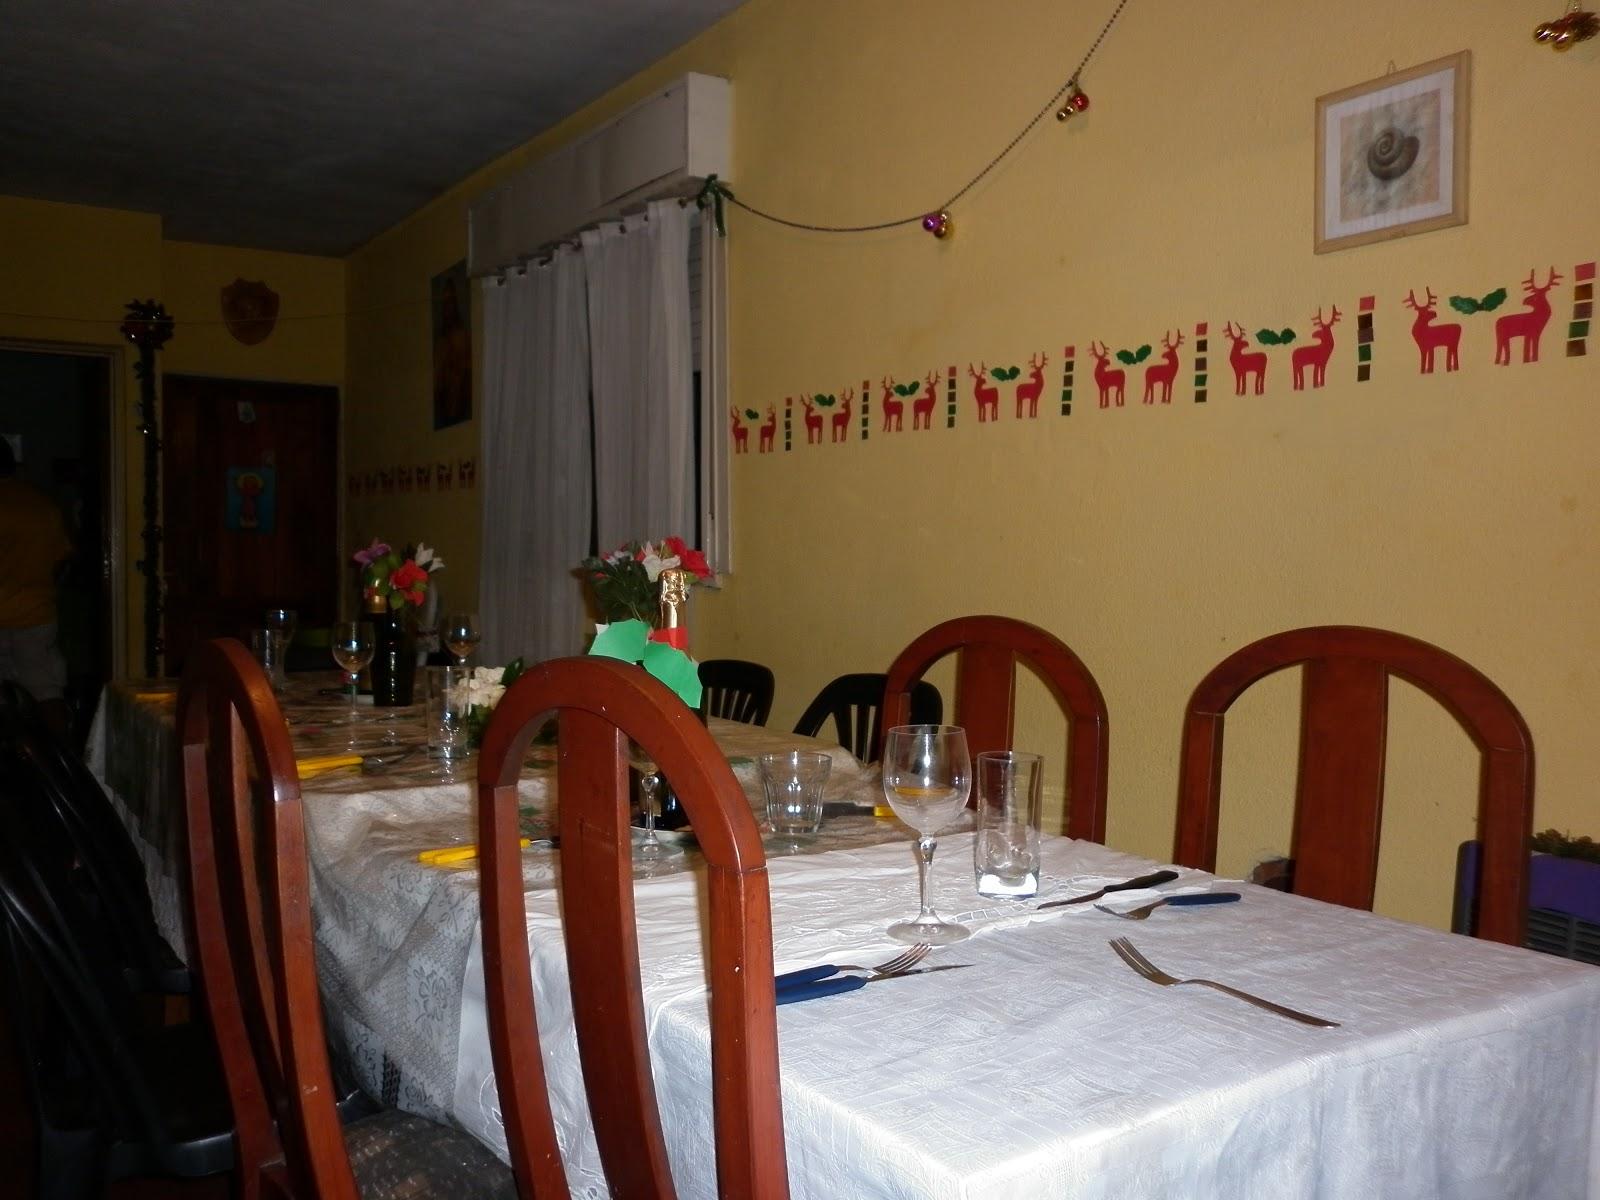 Mis moldes y mas para decorar la casa en navidad con su for Decorar mi casa online